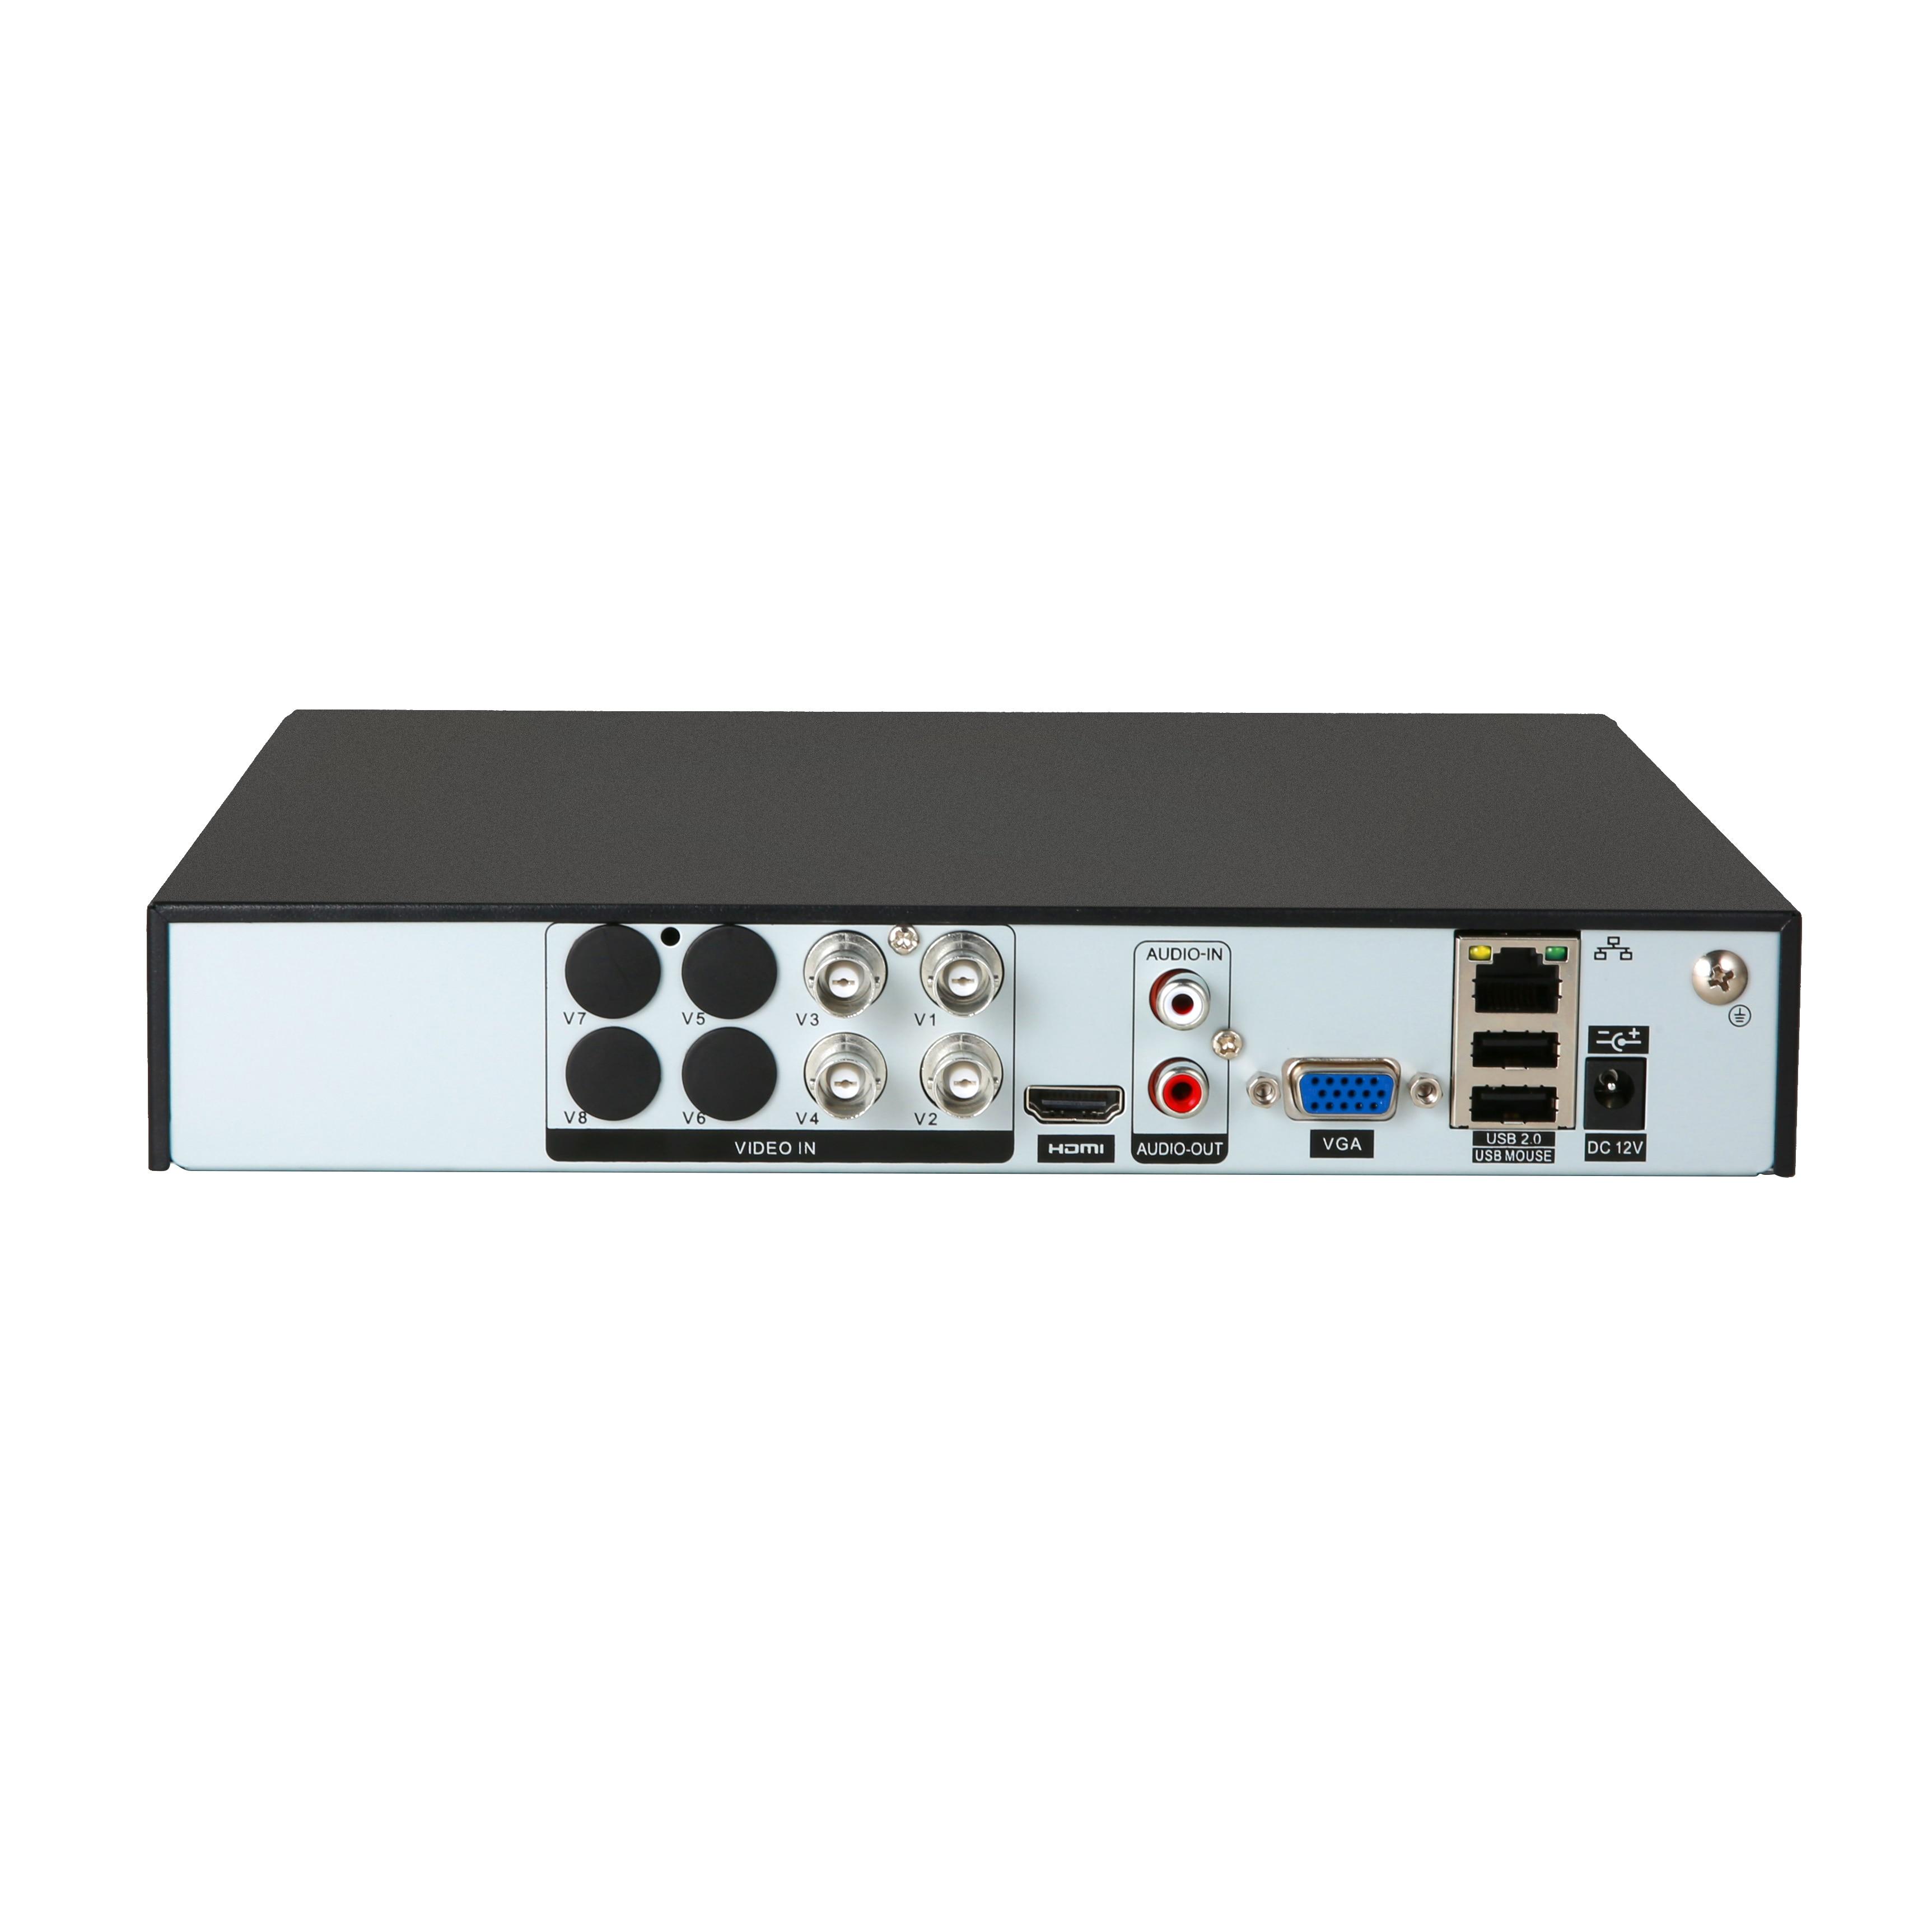 SANNCE 4 Kanal 8 Kanal AHD DVR AHDM 5-in-1 1080N Güvenlik CCTV DVR - Güvenlik ve Koruma - Fotoğraf 3